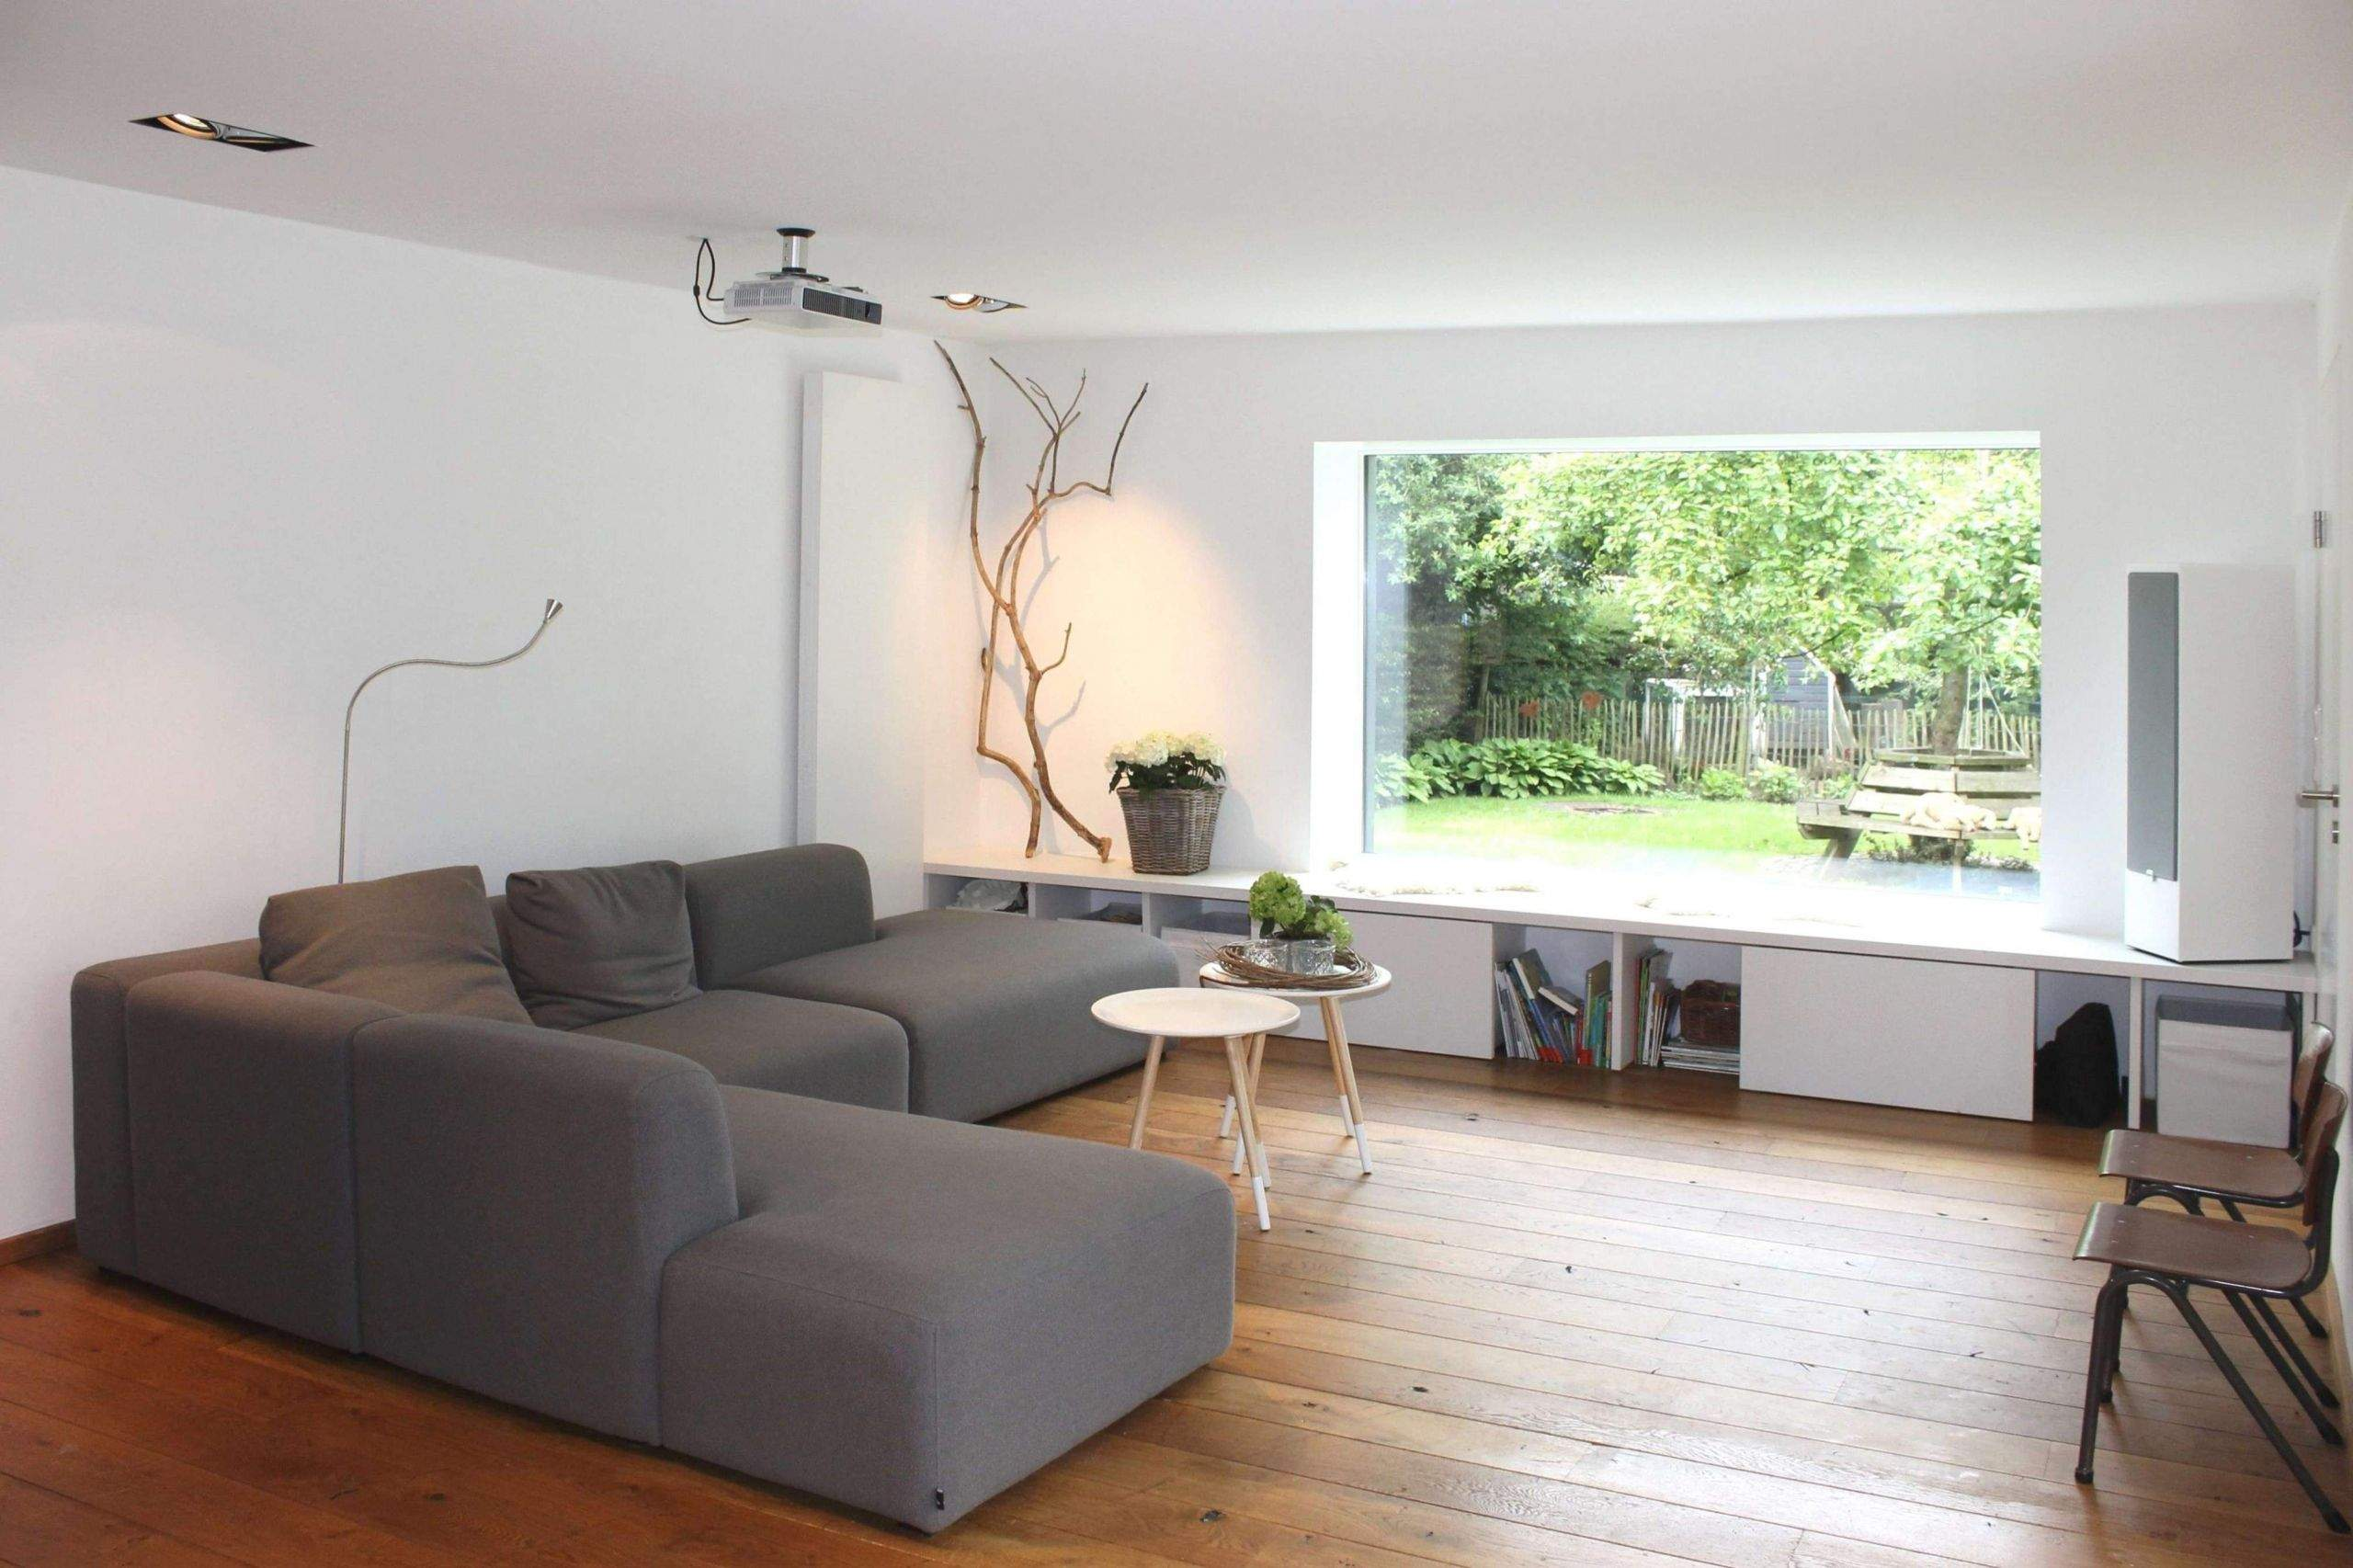 mediterranes wohnzimmer luxus 35 reizend wohnzimmer mediterran das beste von of mediterranes wohnzimmer scaled